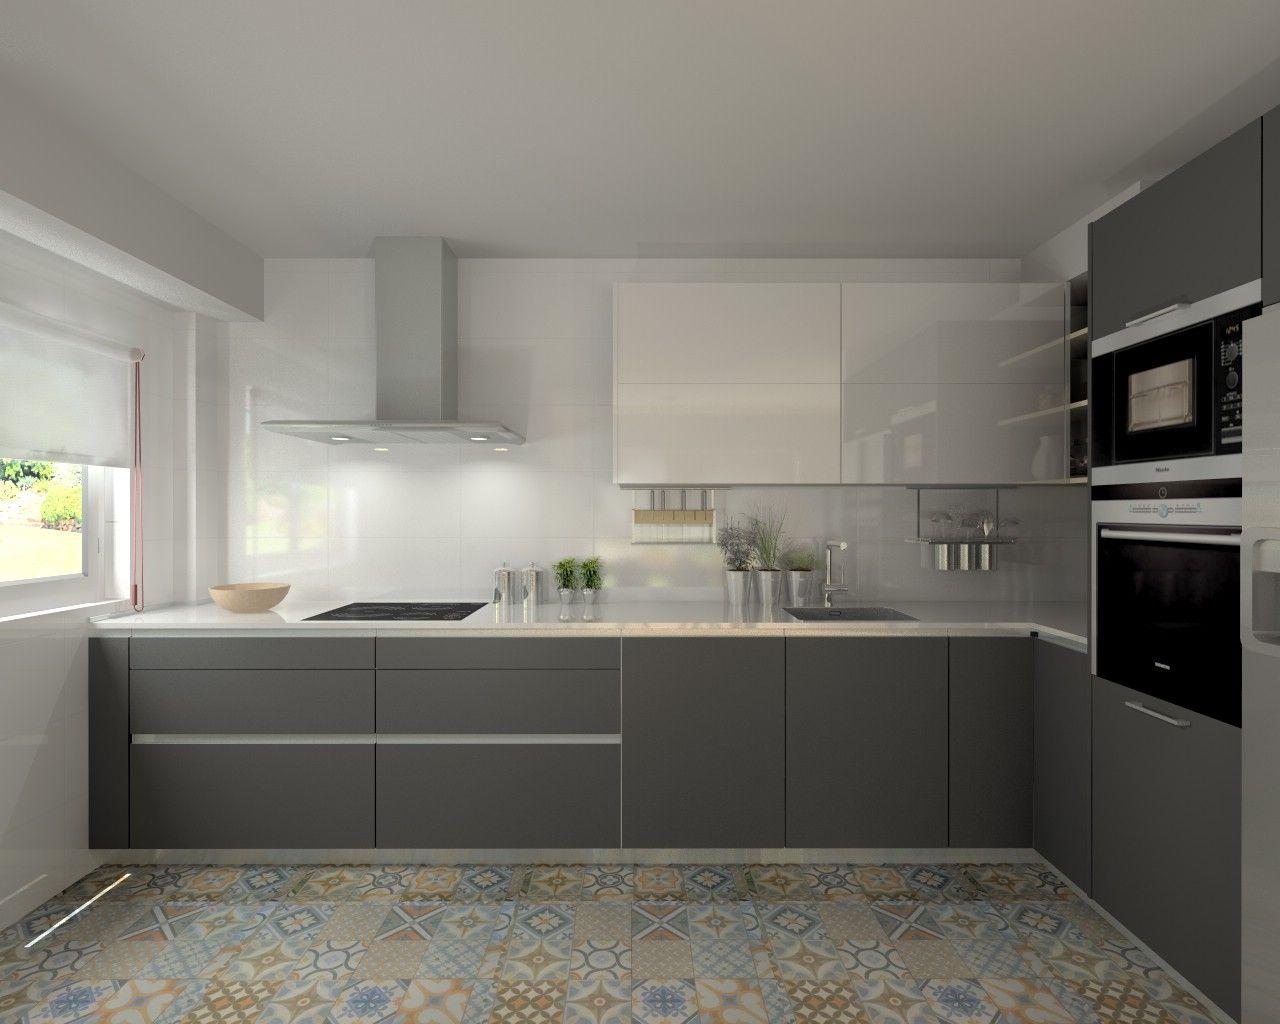 Cocina santos modelo line e gris y line l blanco con - Disenos de cocinas en l ...